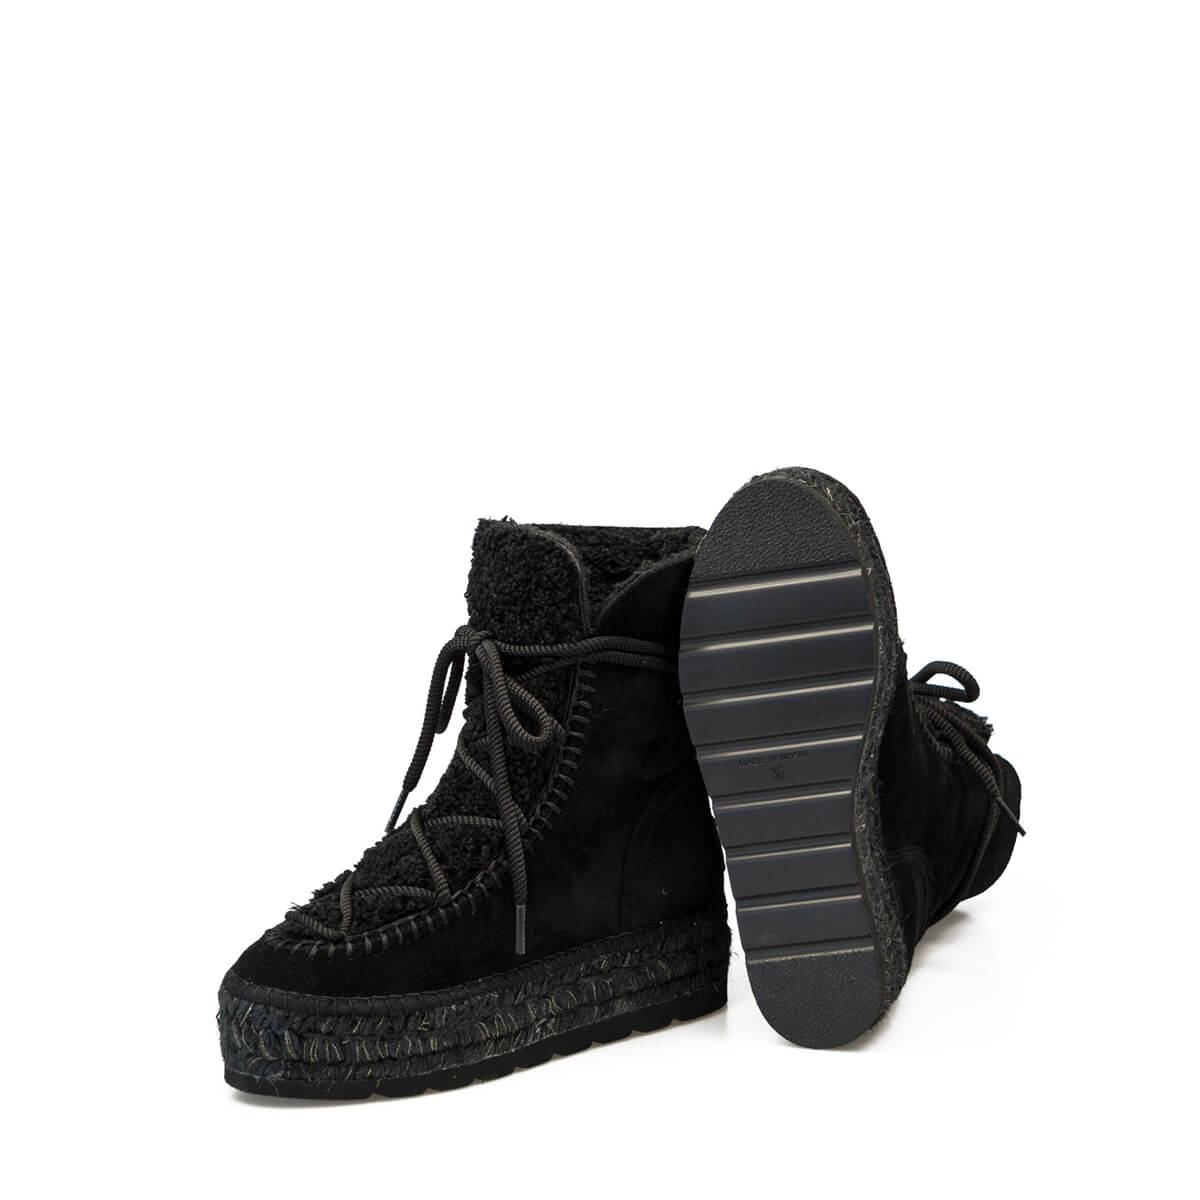 botas mujer - Ítem2